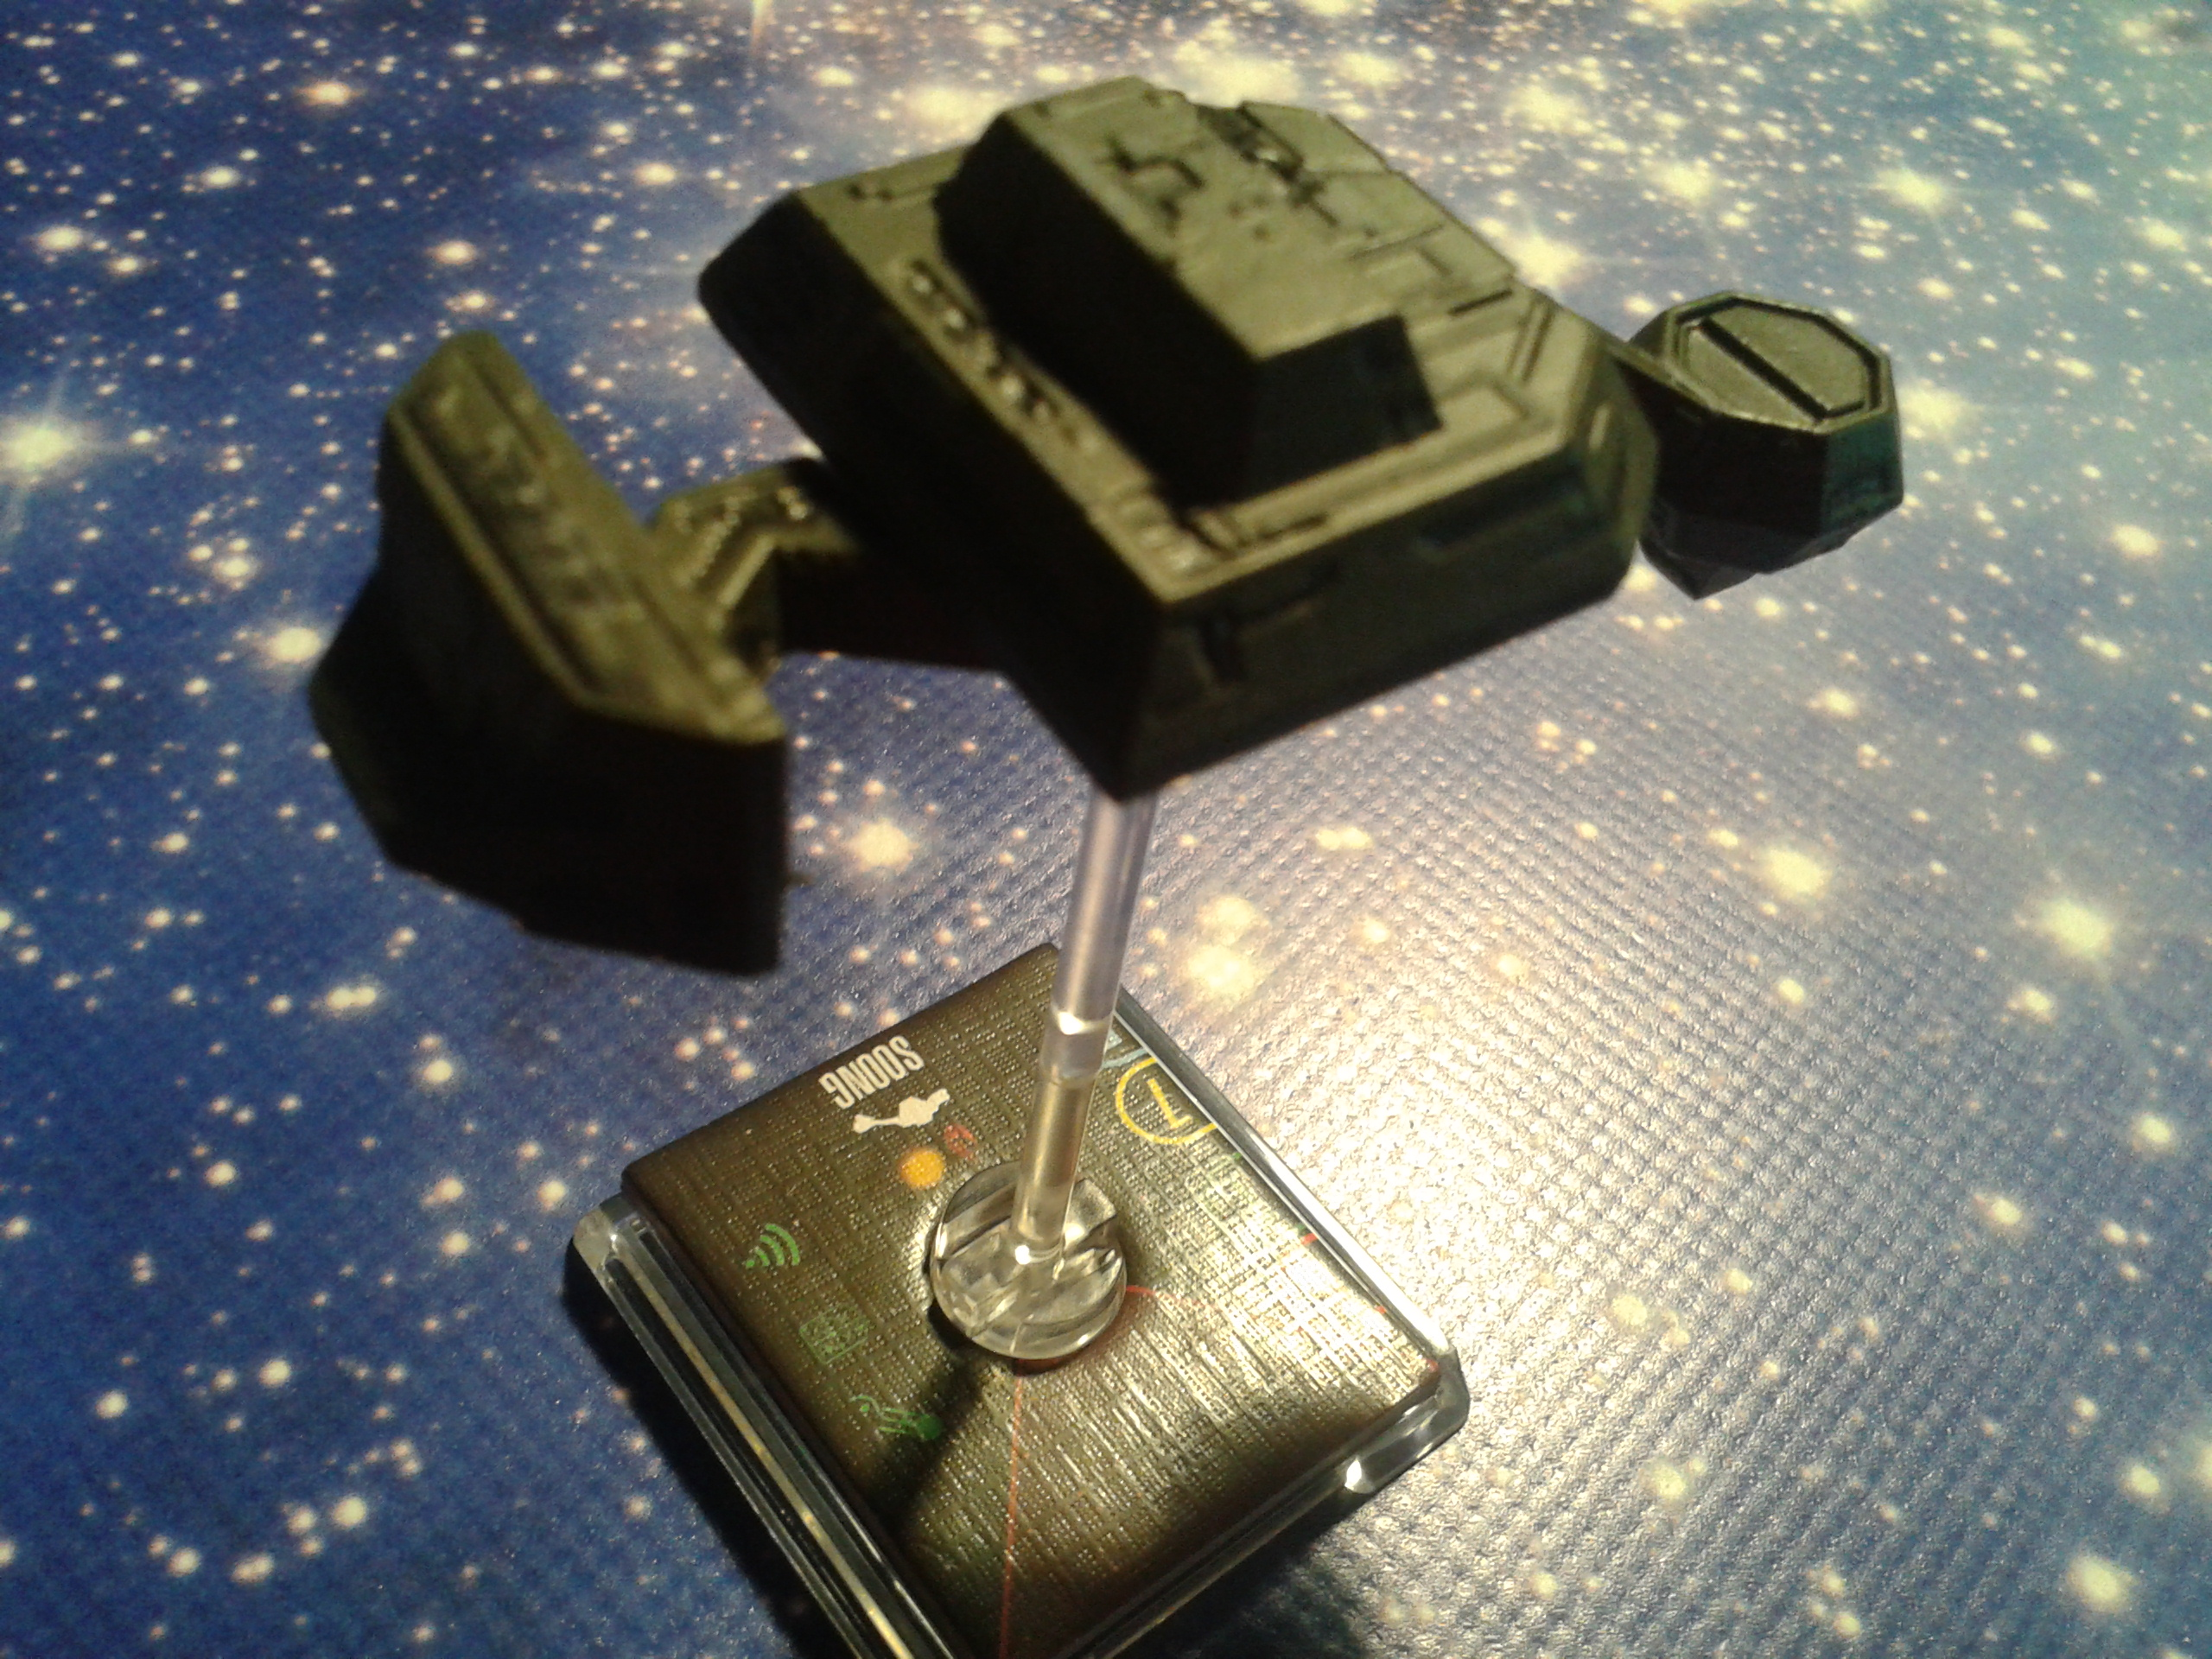 Welle 26 - Schiffe bekannt: U.S.S. Venture, Borg Assimilator 84 und ein Xindi-Reptilian Warship! 20140803_183943